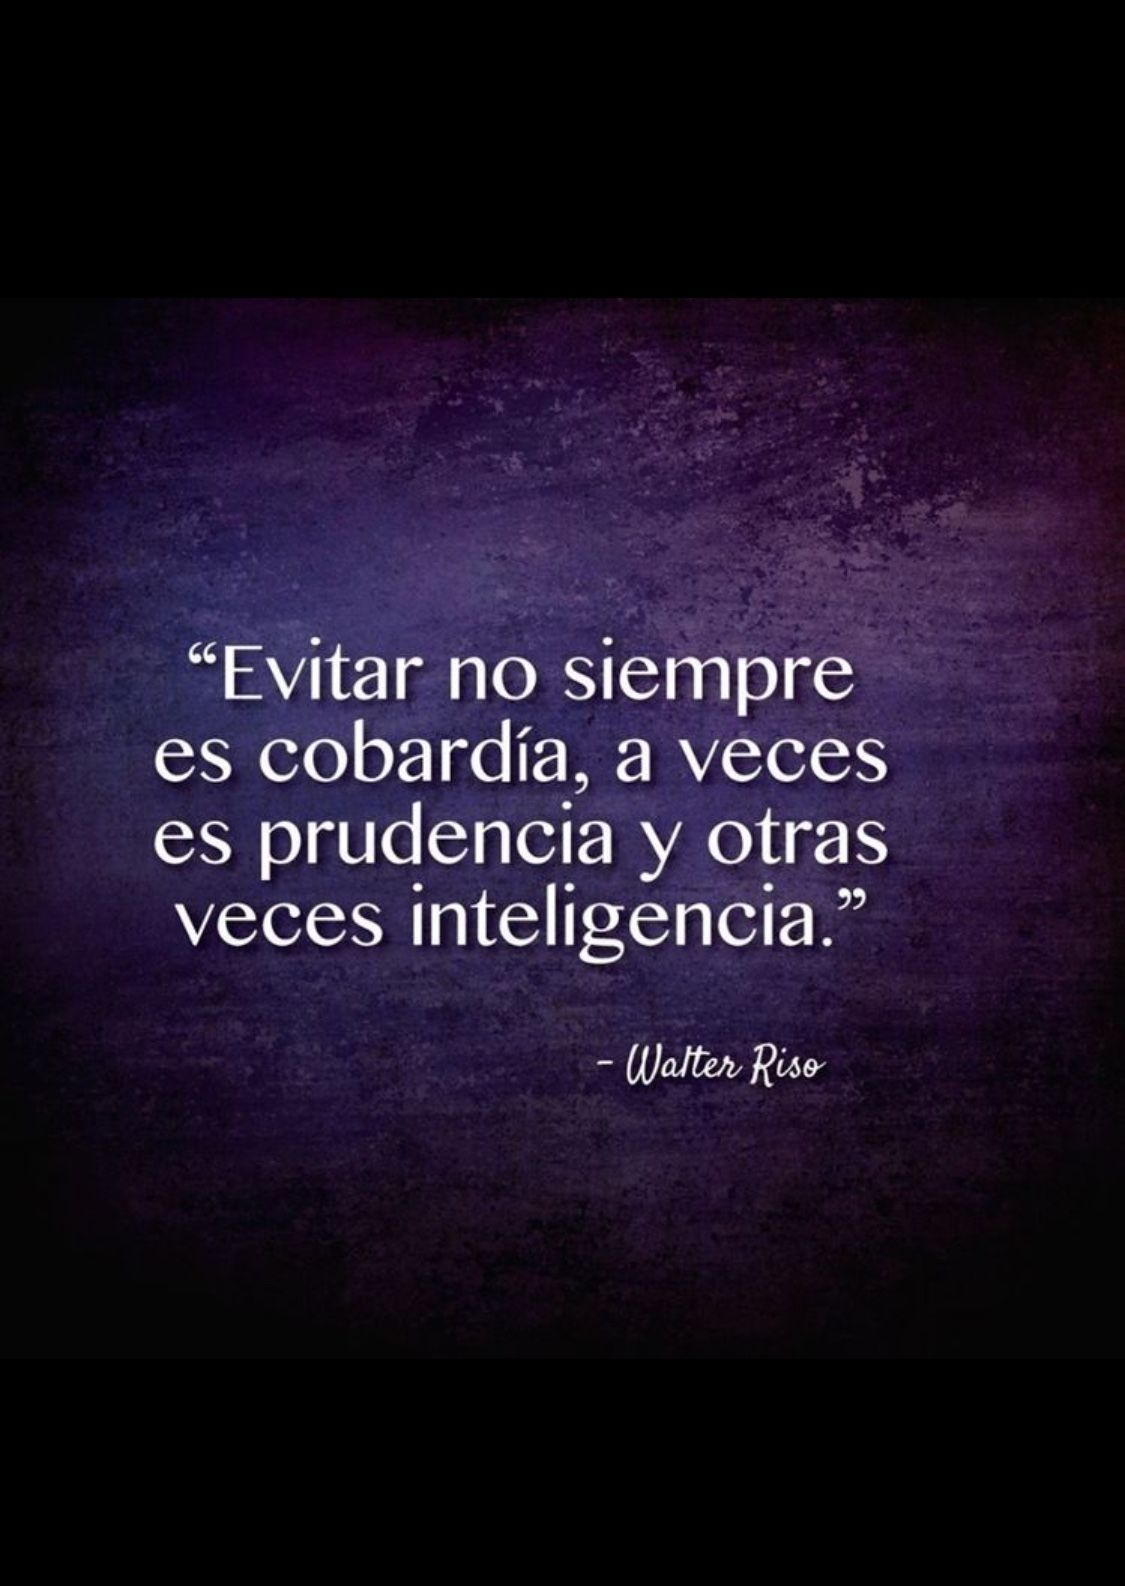 evitar no siempre es cobardía, a veces es prudencia y otras veces inteligencia.